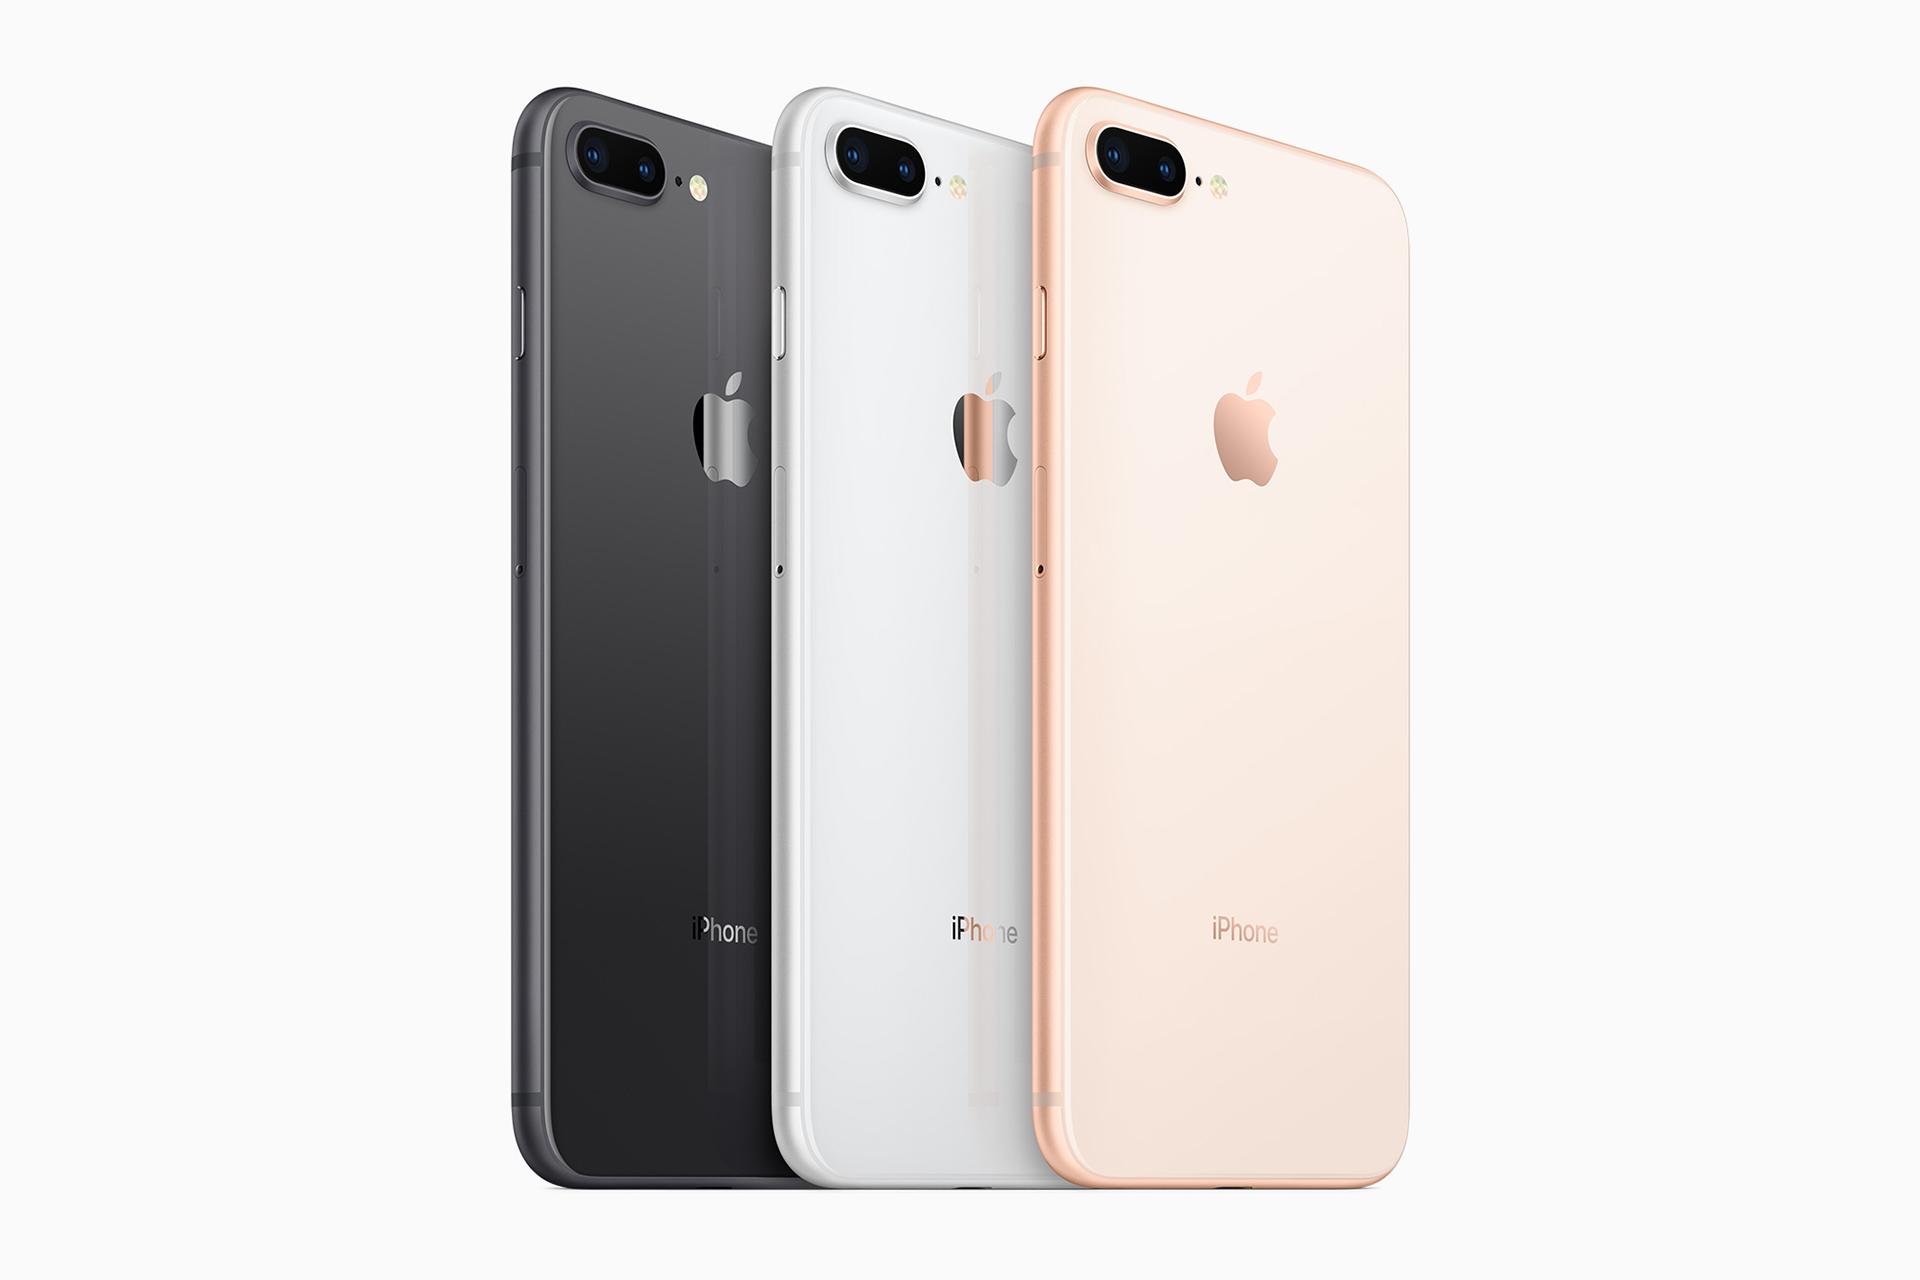 اپل در حال آمادهسازی سفارشهای اولیه آیفون 8 و آیفون 8 پلاس است